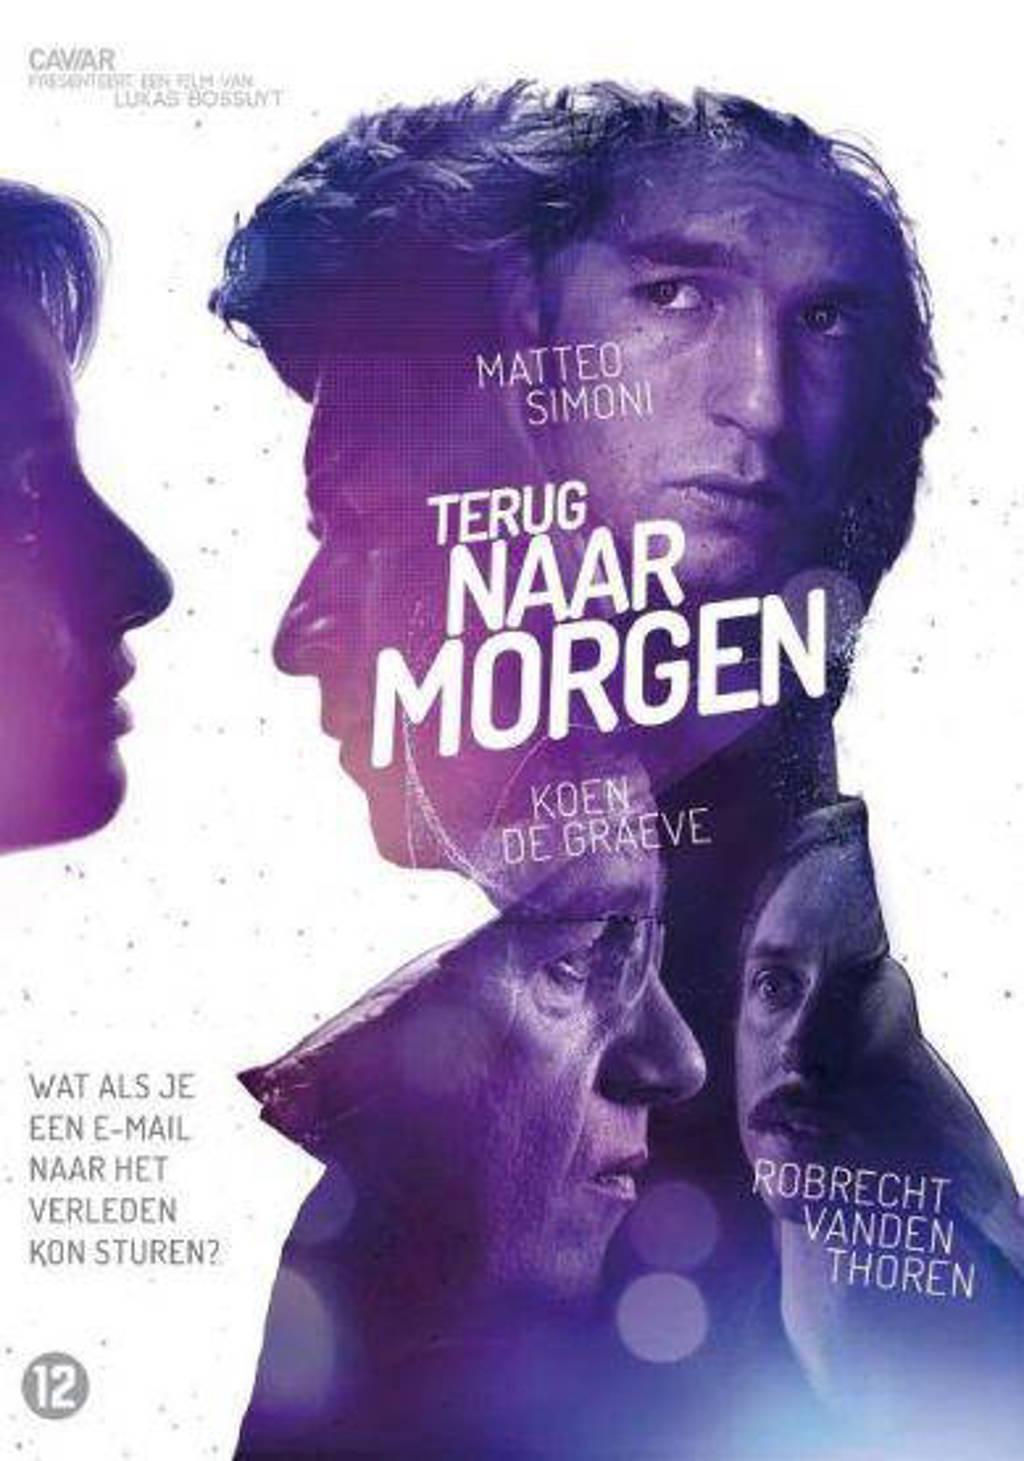 Terug naar morgen (DVD)